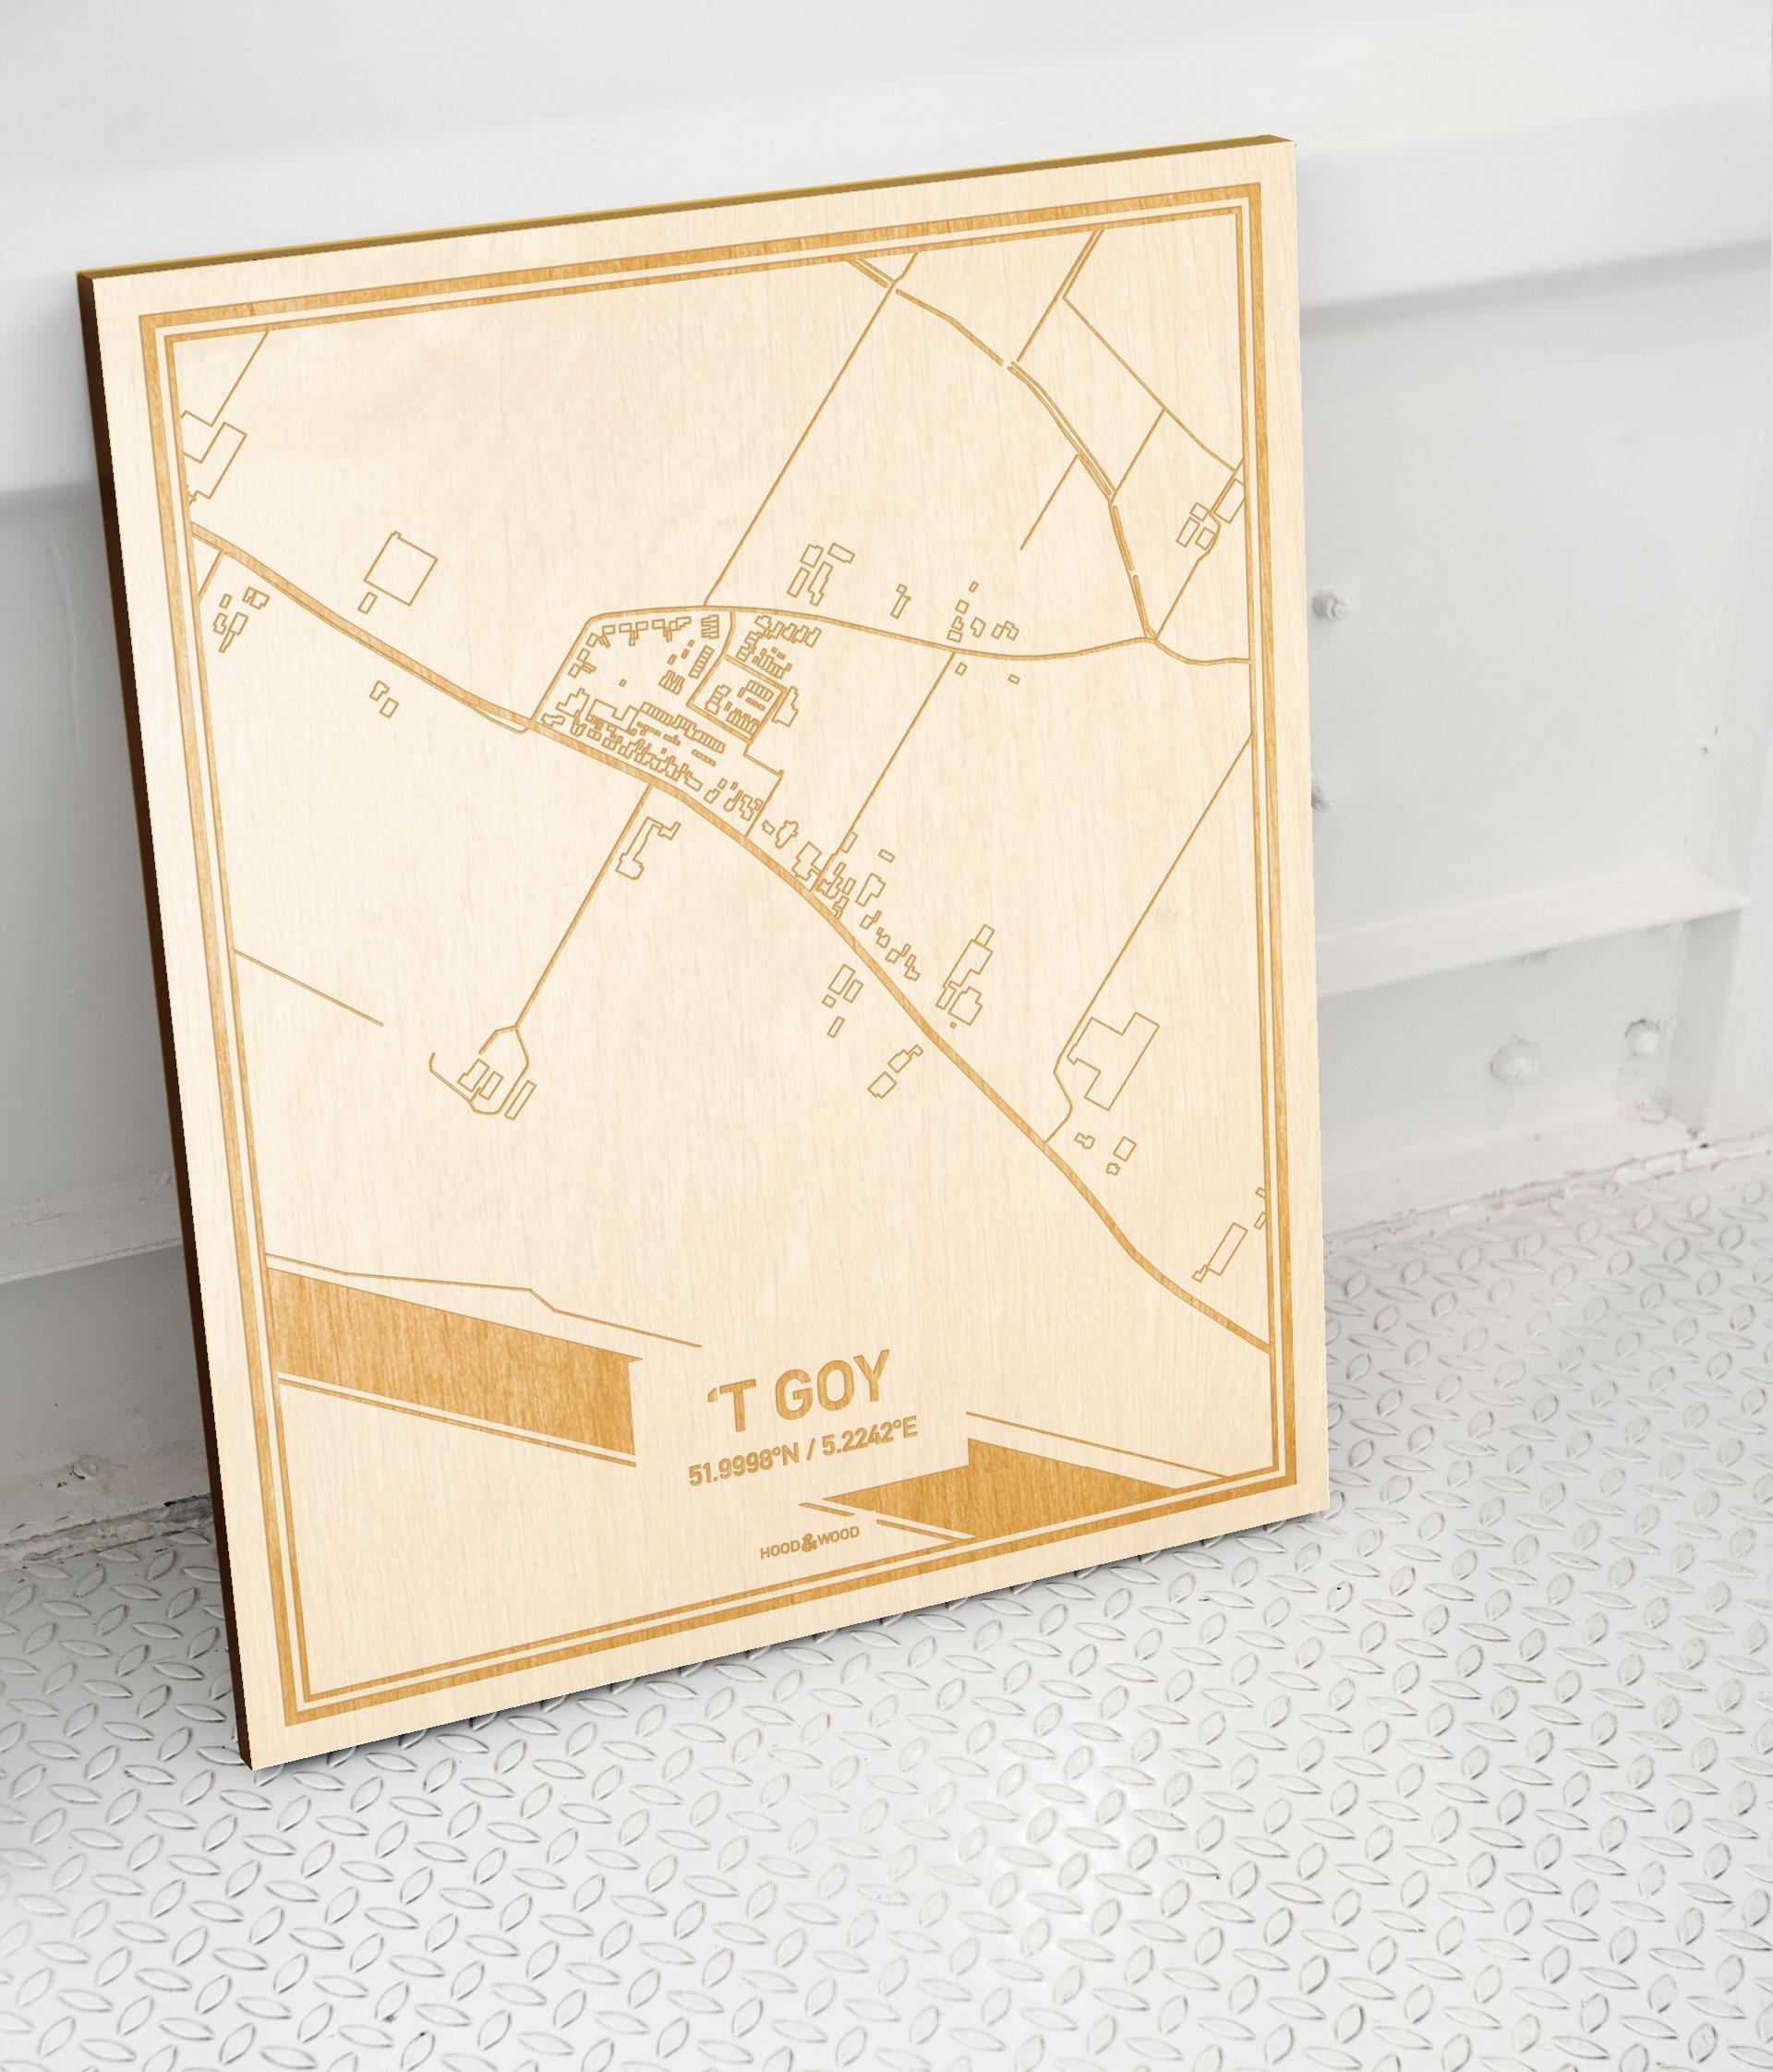 Plattegrond 't Goy als prachtige houten wanddecoratie. Het warme hout contrasteert mooi met de witte muur.